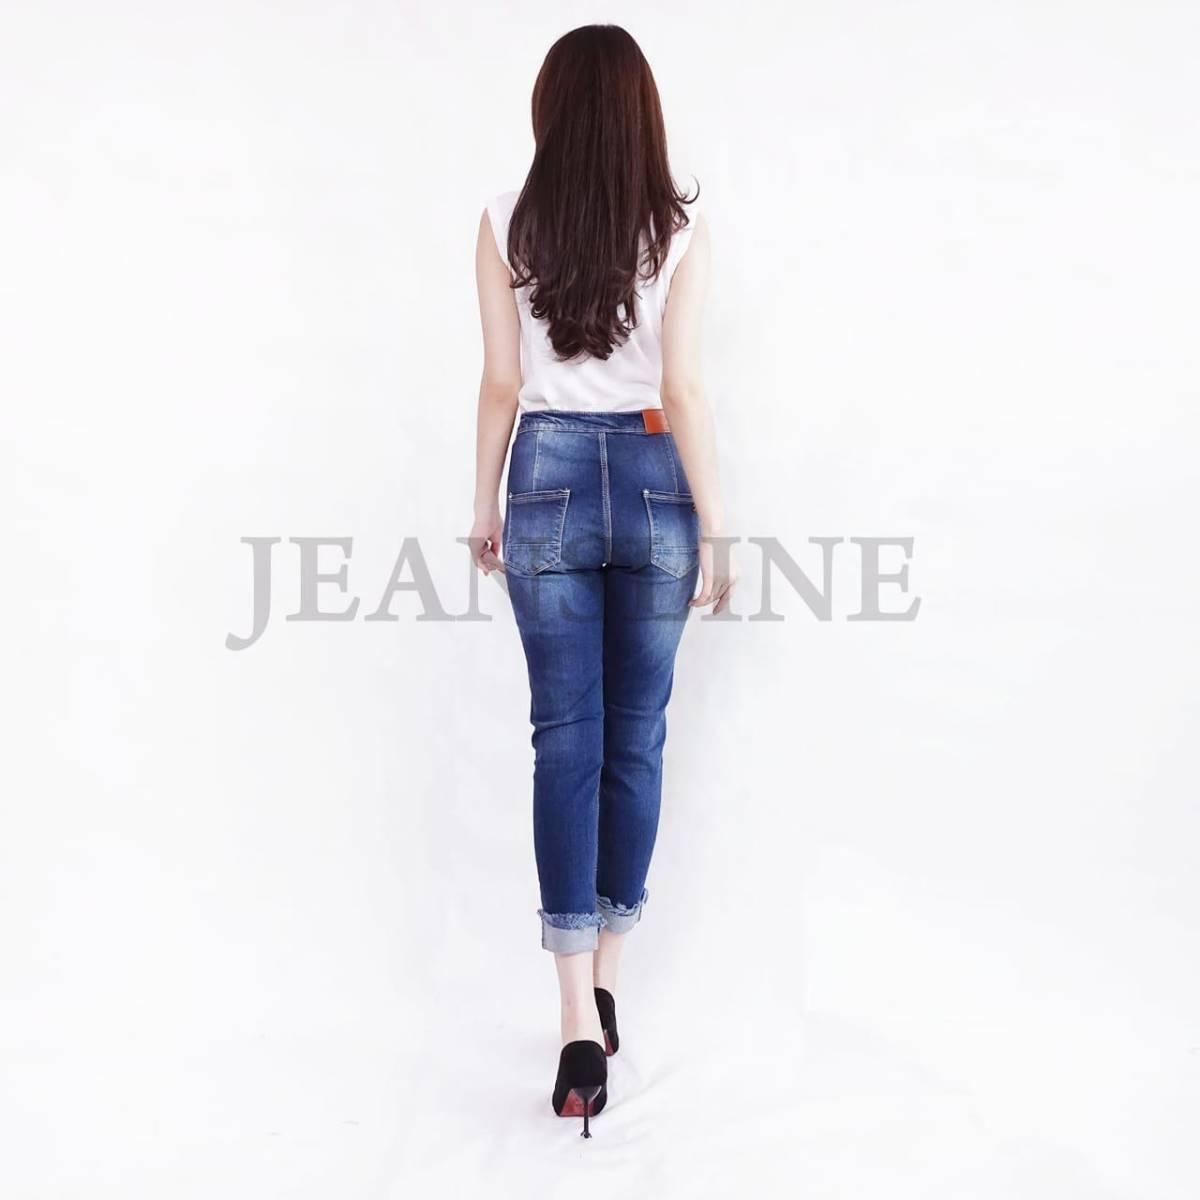 Celana Panjang Jeans Wanita - Paket 4 Pcs (size 27, 28, 29, 30)3